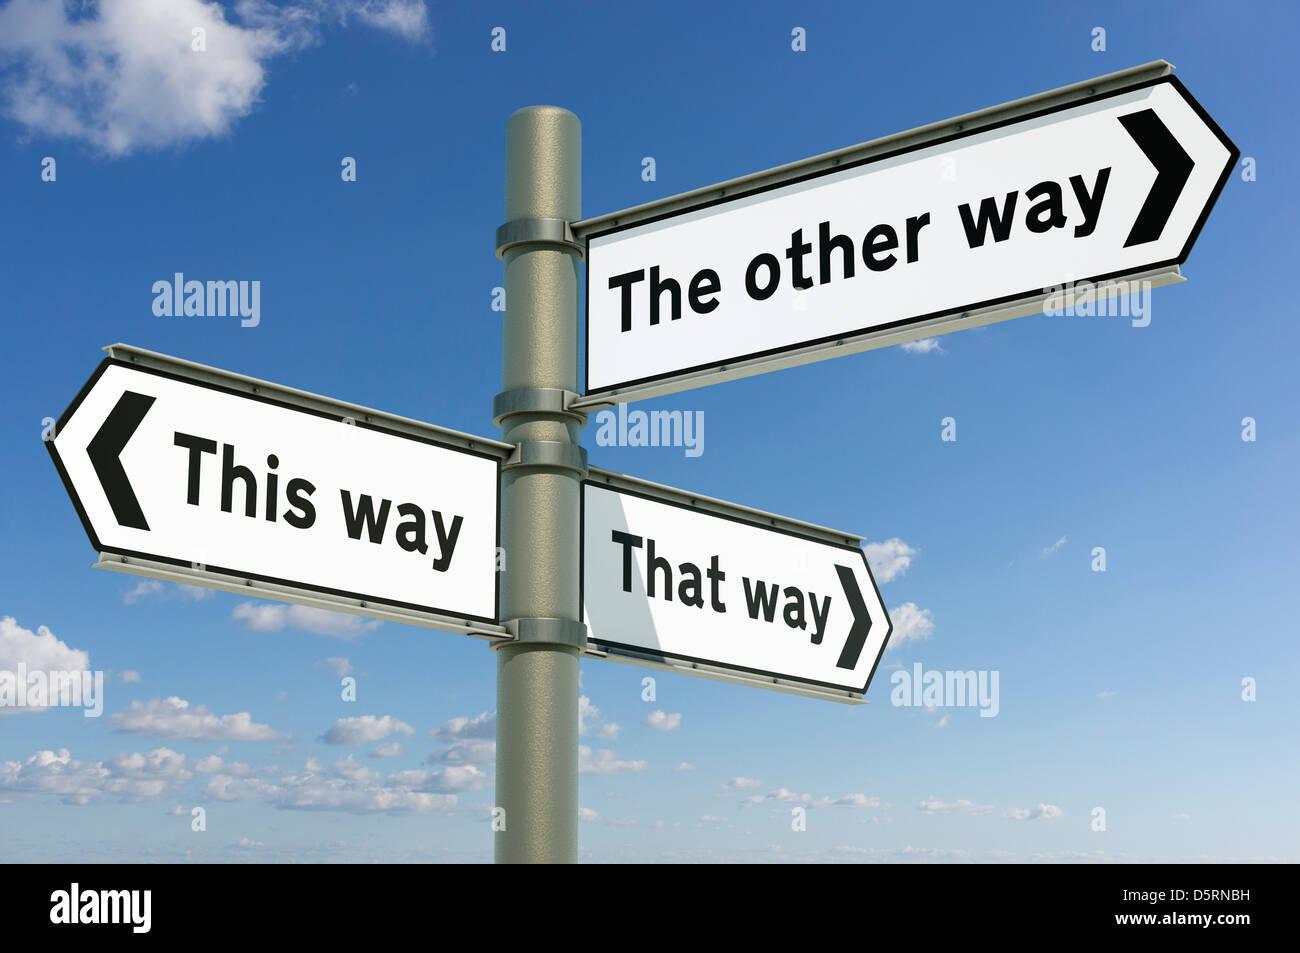 De cette façon, de cette façon, l'autre manière, la prise de décisions, leurs choix de vie Photo Stock